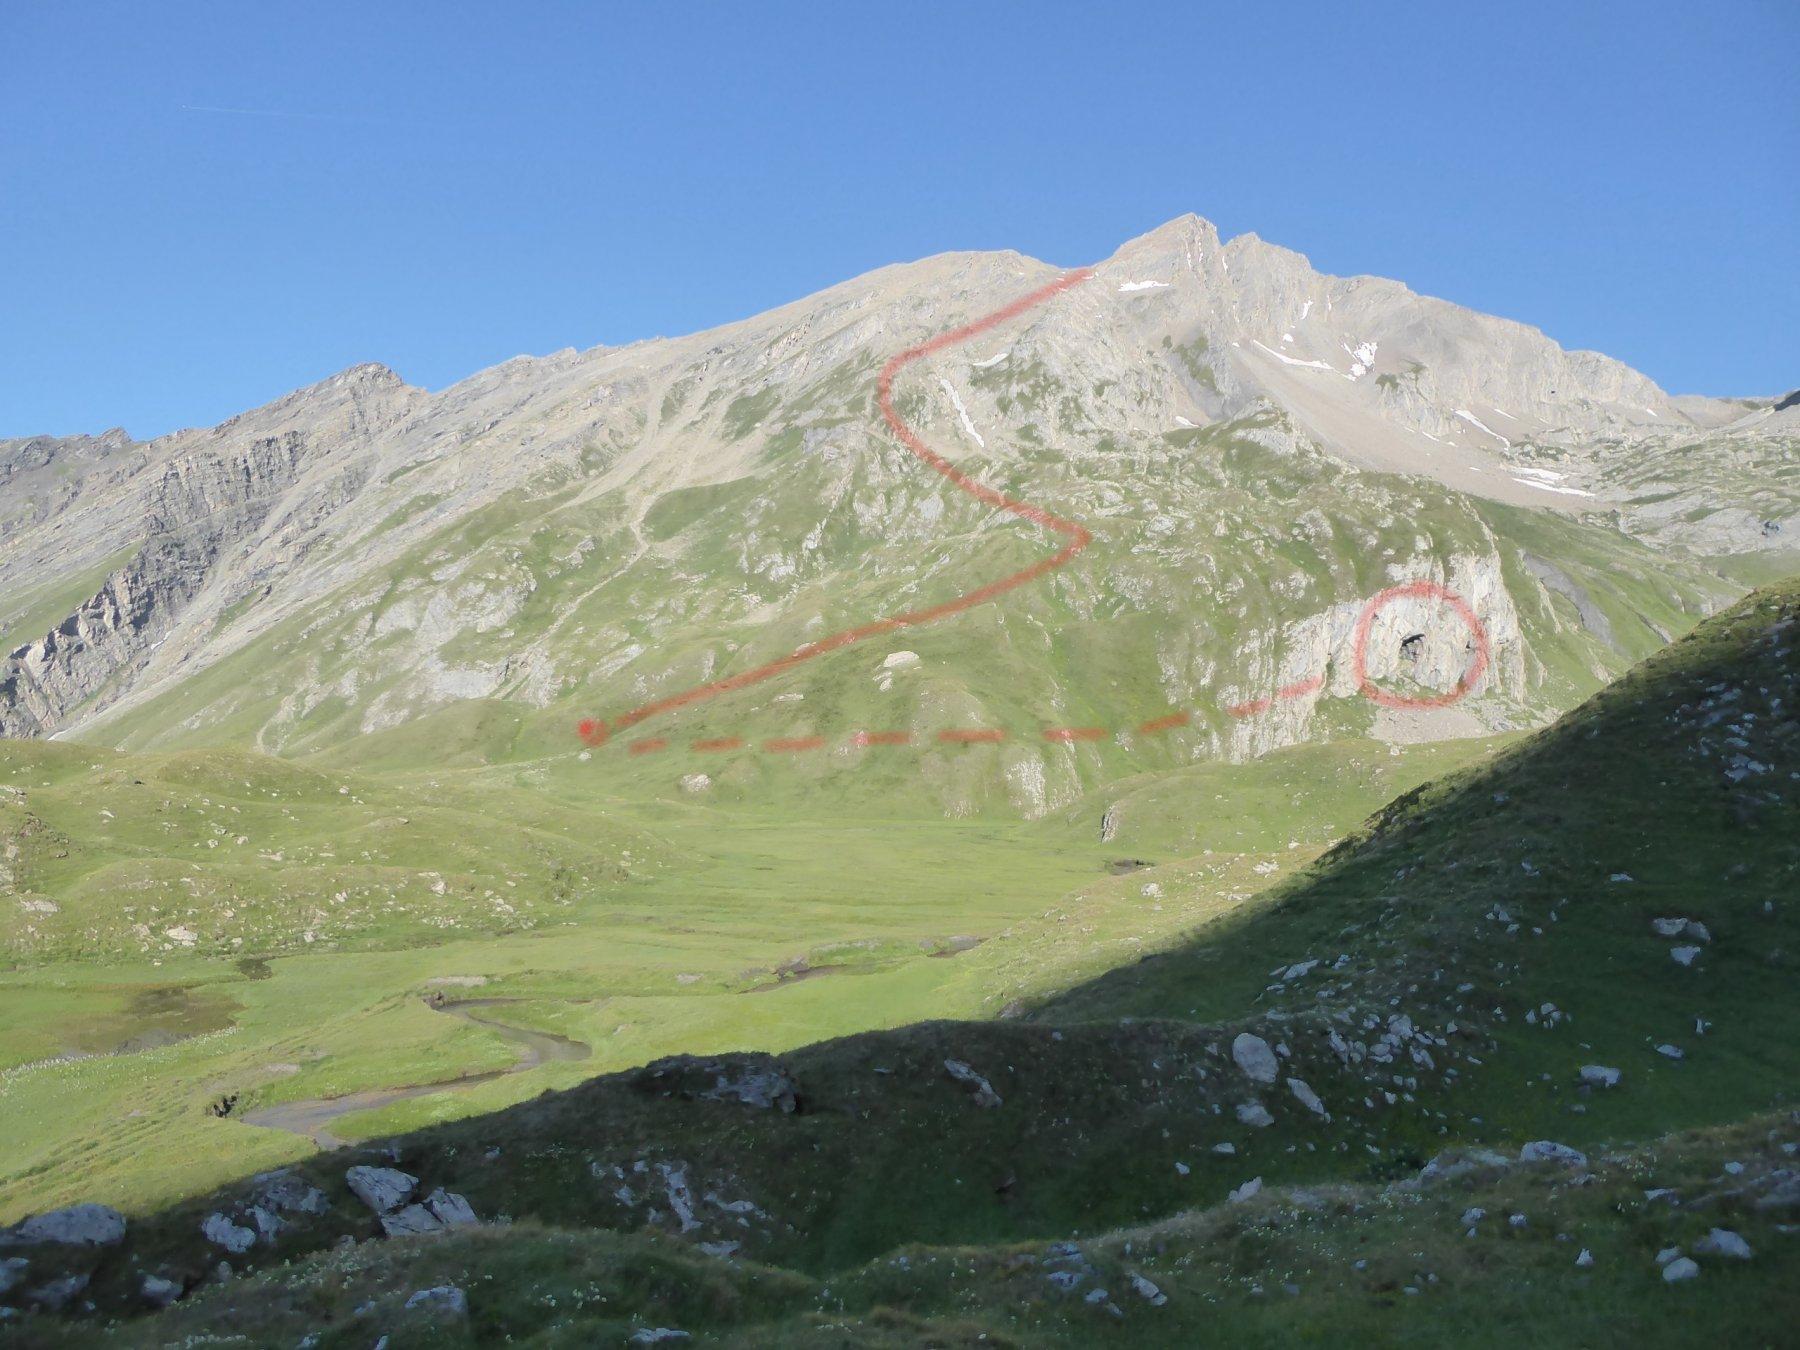 dall'alpe Bonalex e il pianoro: a destra la caverna e, circa 250 metri a sinistra, la partenza del sentiero